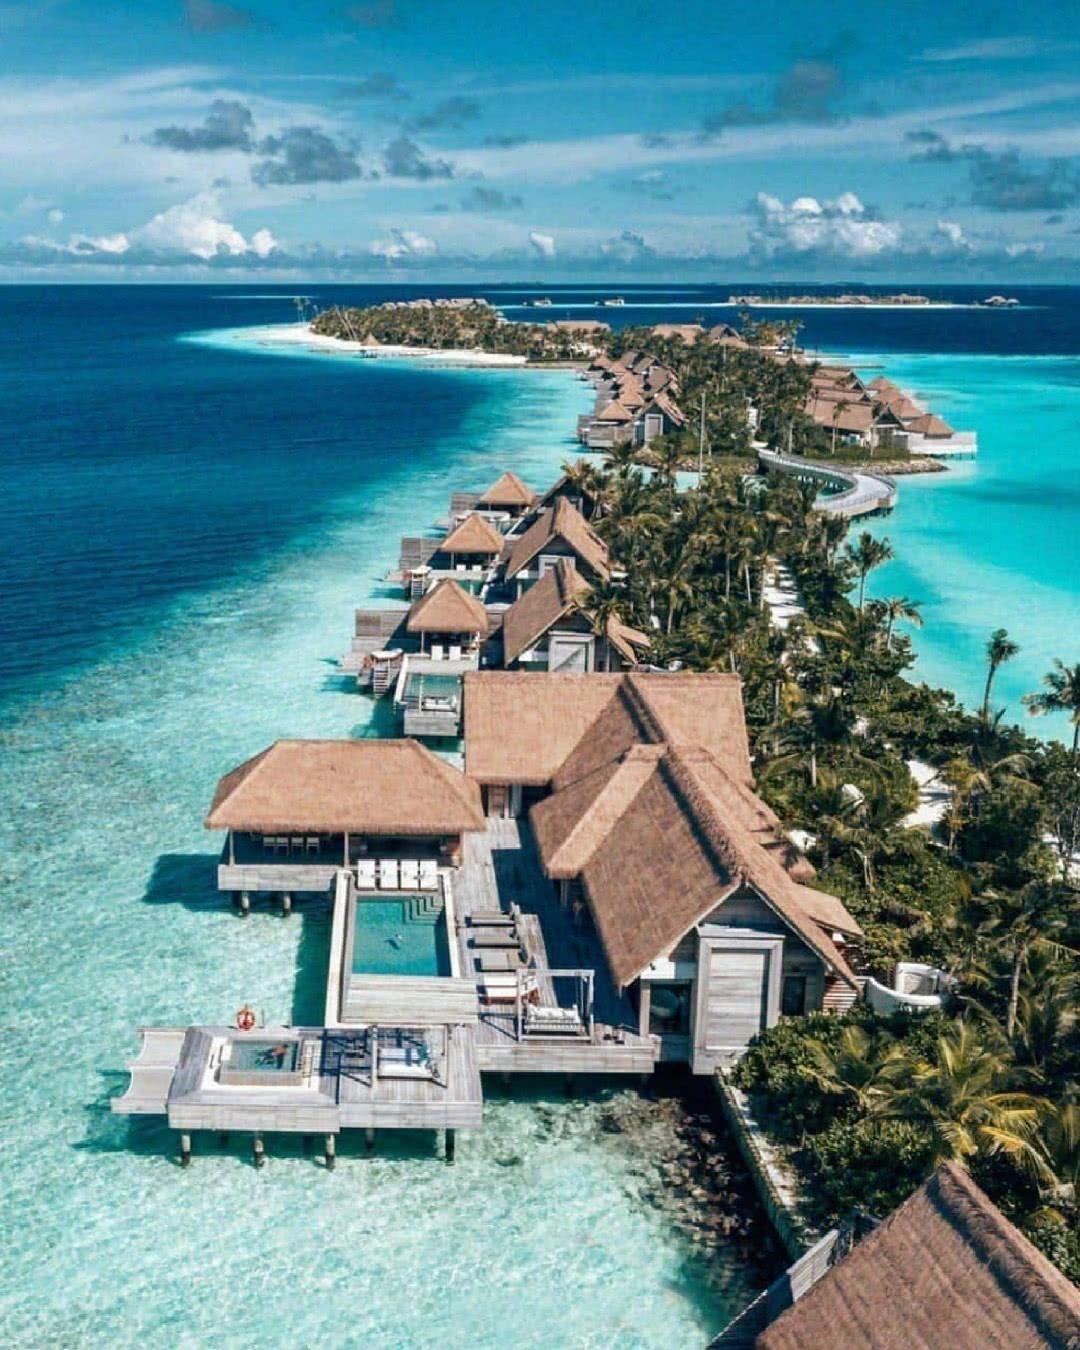 马尔代夫,南马累环礁的鸟巢度假村儿。